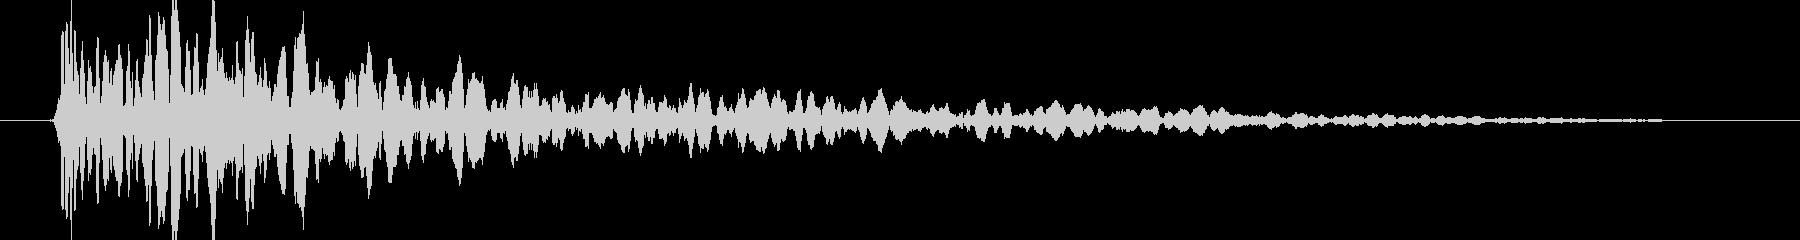 ドーン (ブロックが落下する音) 01の未再生の波形